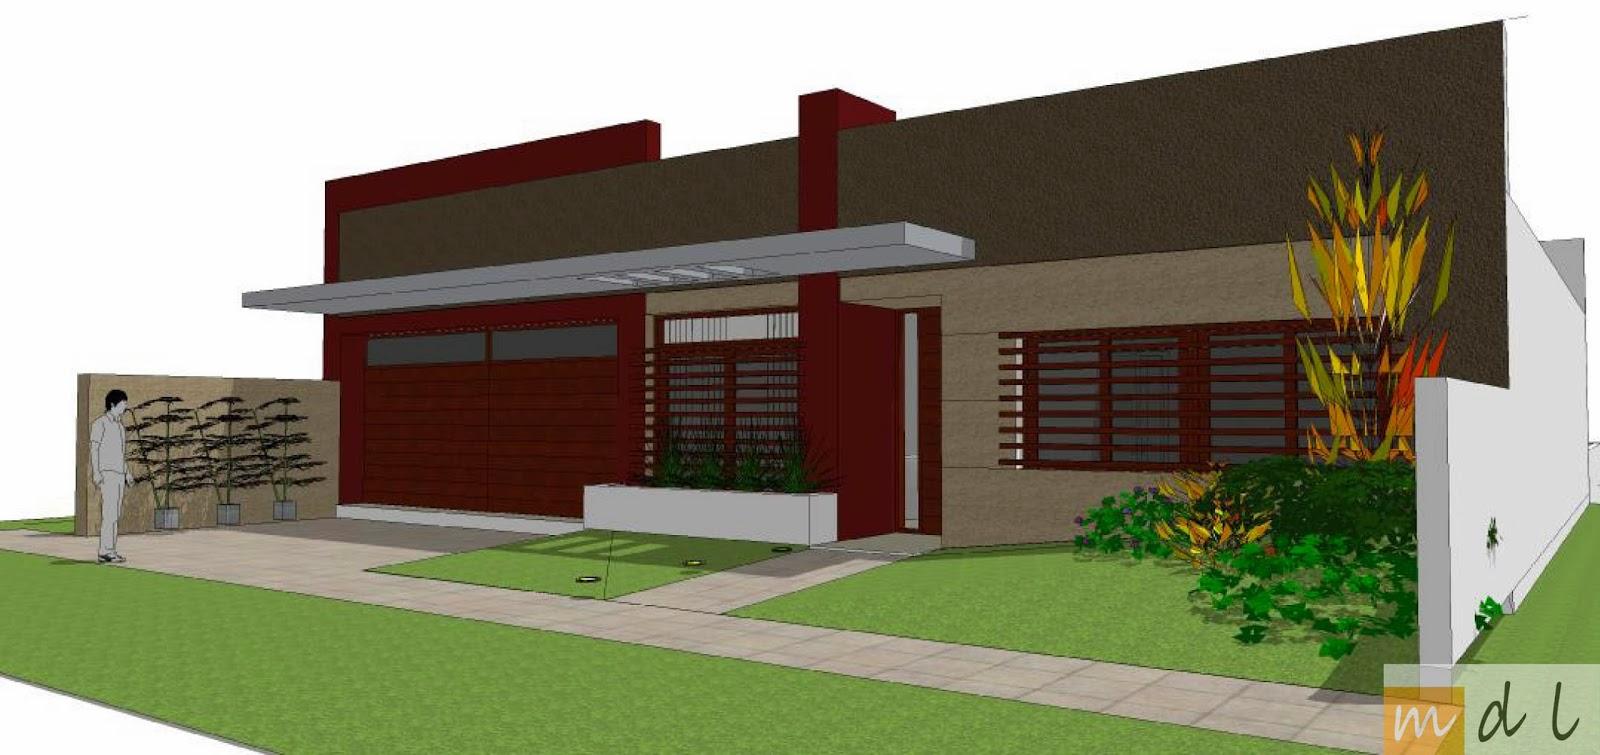 Arquitecta miriam di leo dise o exterior vivienda - Diseno vivienda unifamiliar ...